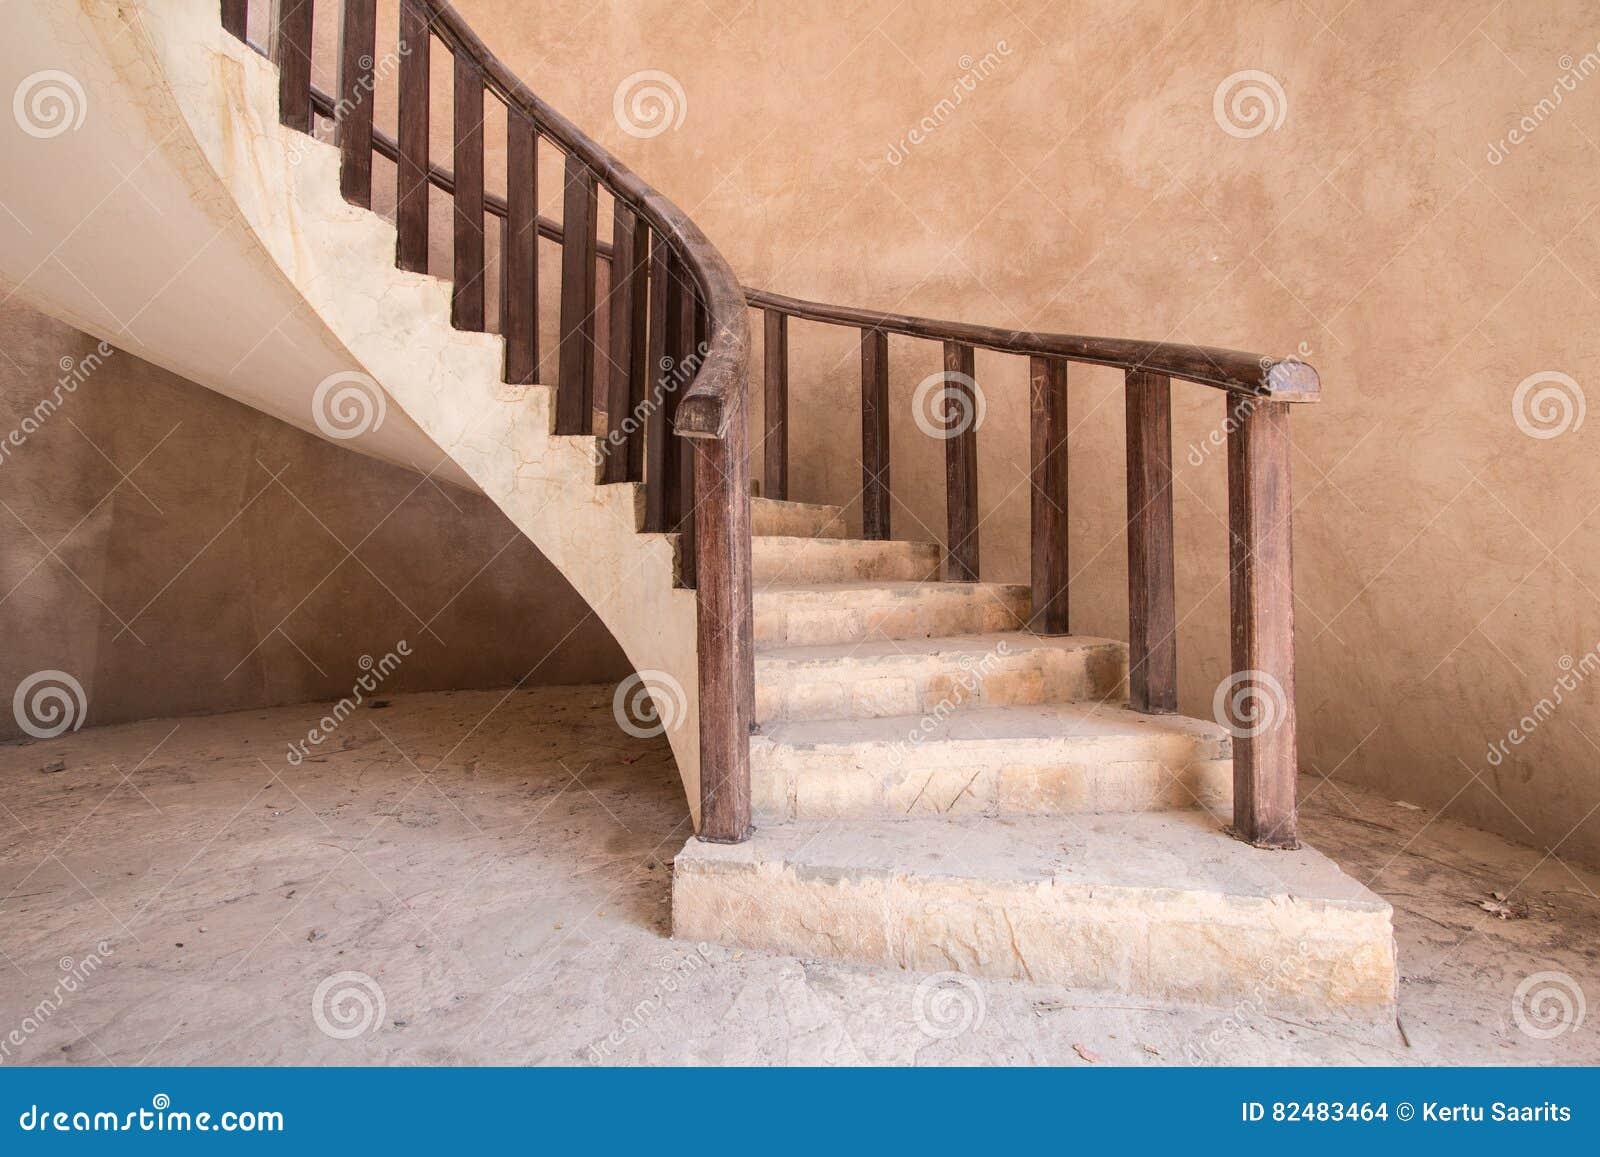 una escalera tradicional en una casa oman nizwa omn foto de archivo